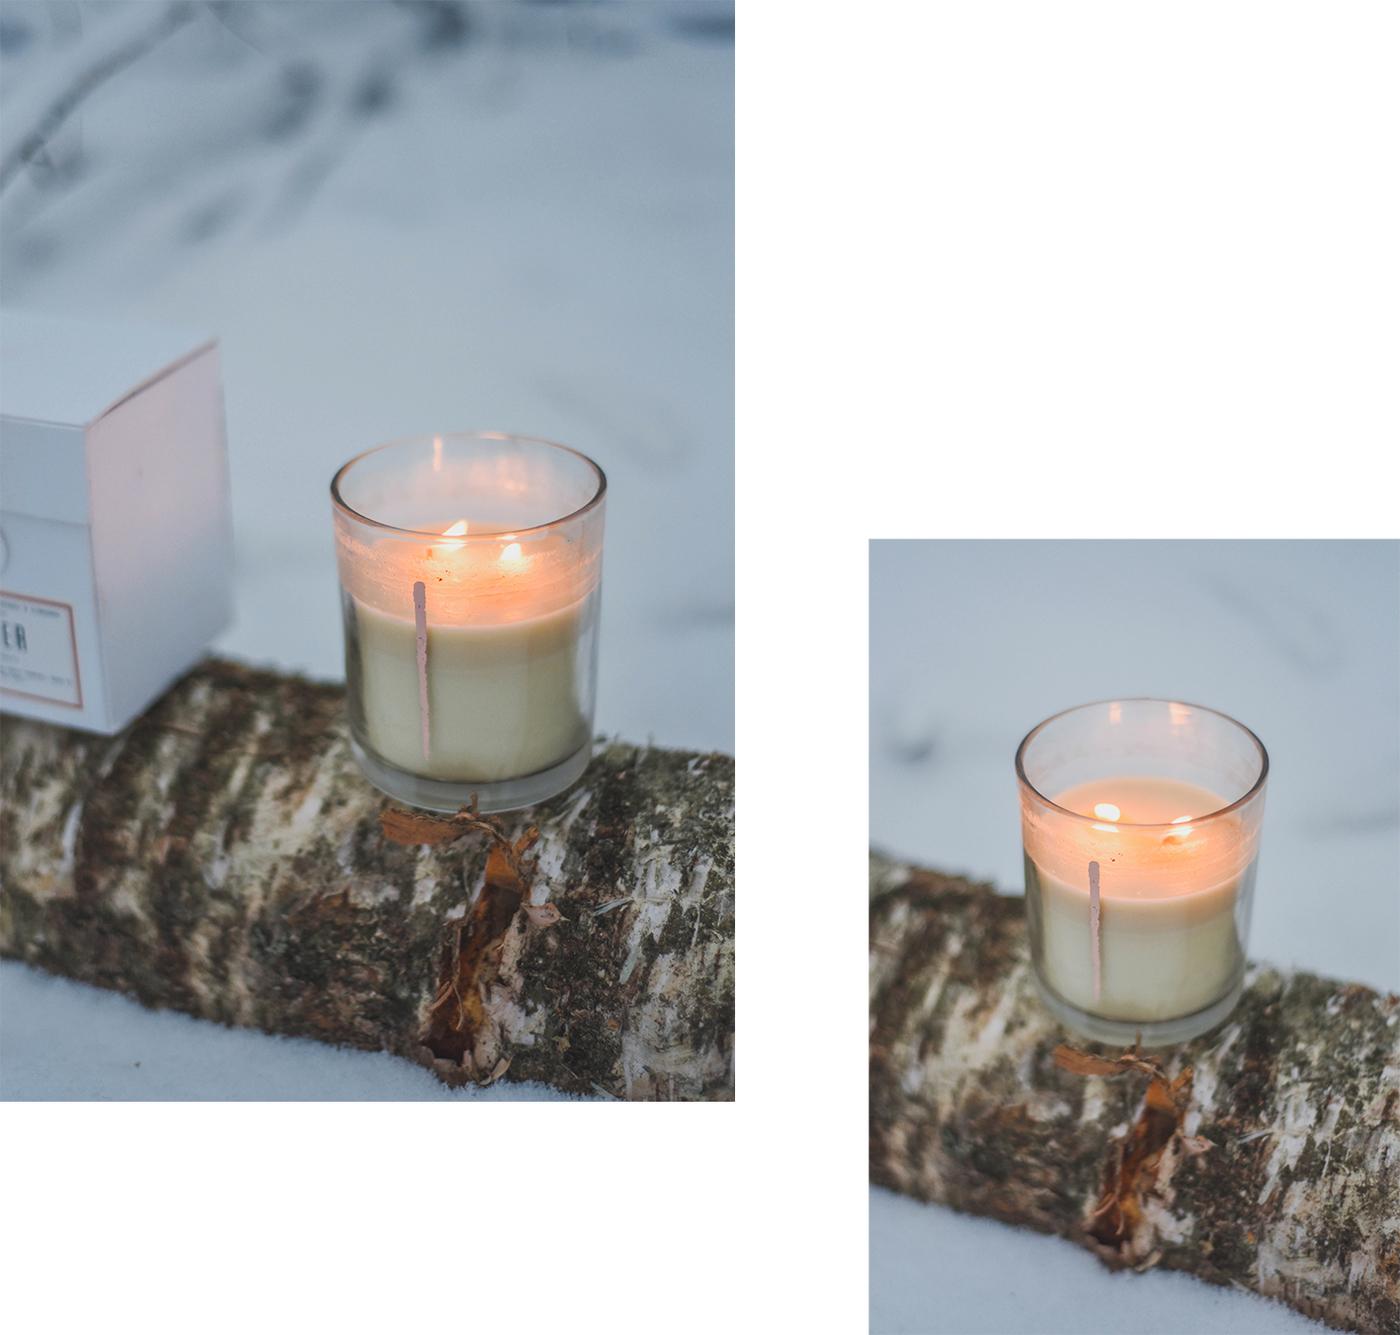 kaarnaliving-rypsioljyvahakynttila-kookosvahakynttila-woodlot-4.jpg